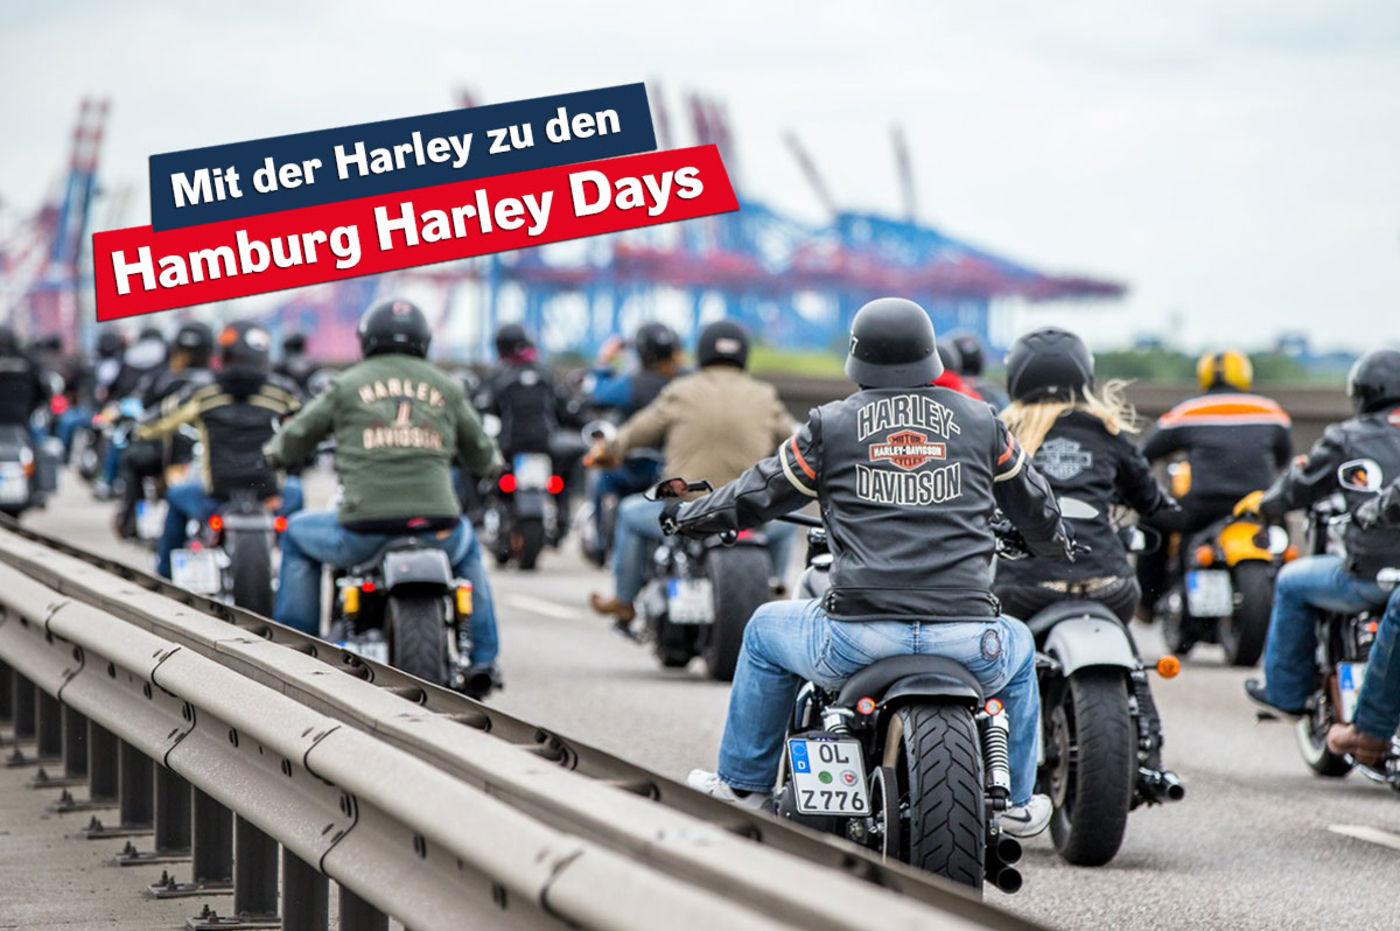 Großartig Harley Rahmen Mit Titel Bilder - Benutzerdefinierte ...